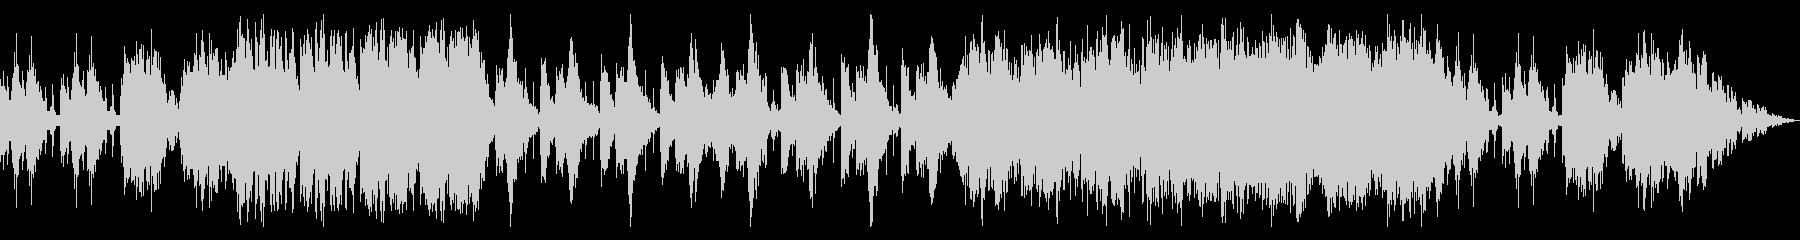 太鼓と打楽器のアンサンブルの未再生の波形